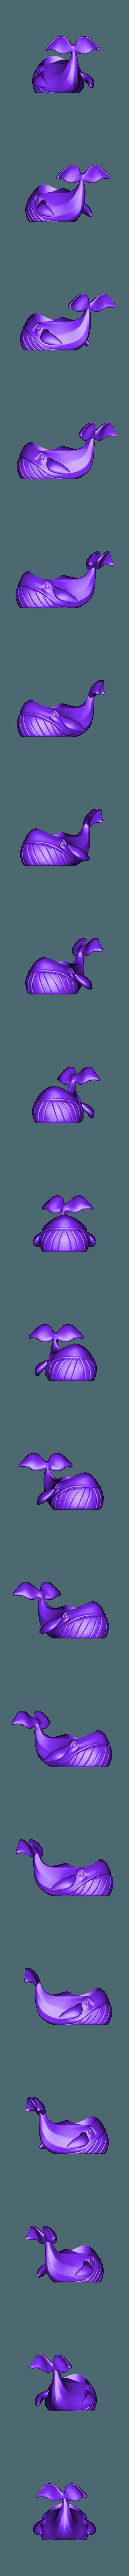 Whale.stl Télécharger fichier OBJ gratuit Pot de fleurs de baleine • Design imprimable en 3D, Dynastinae